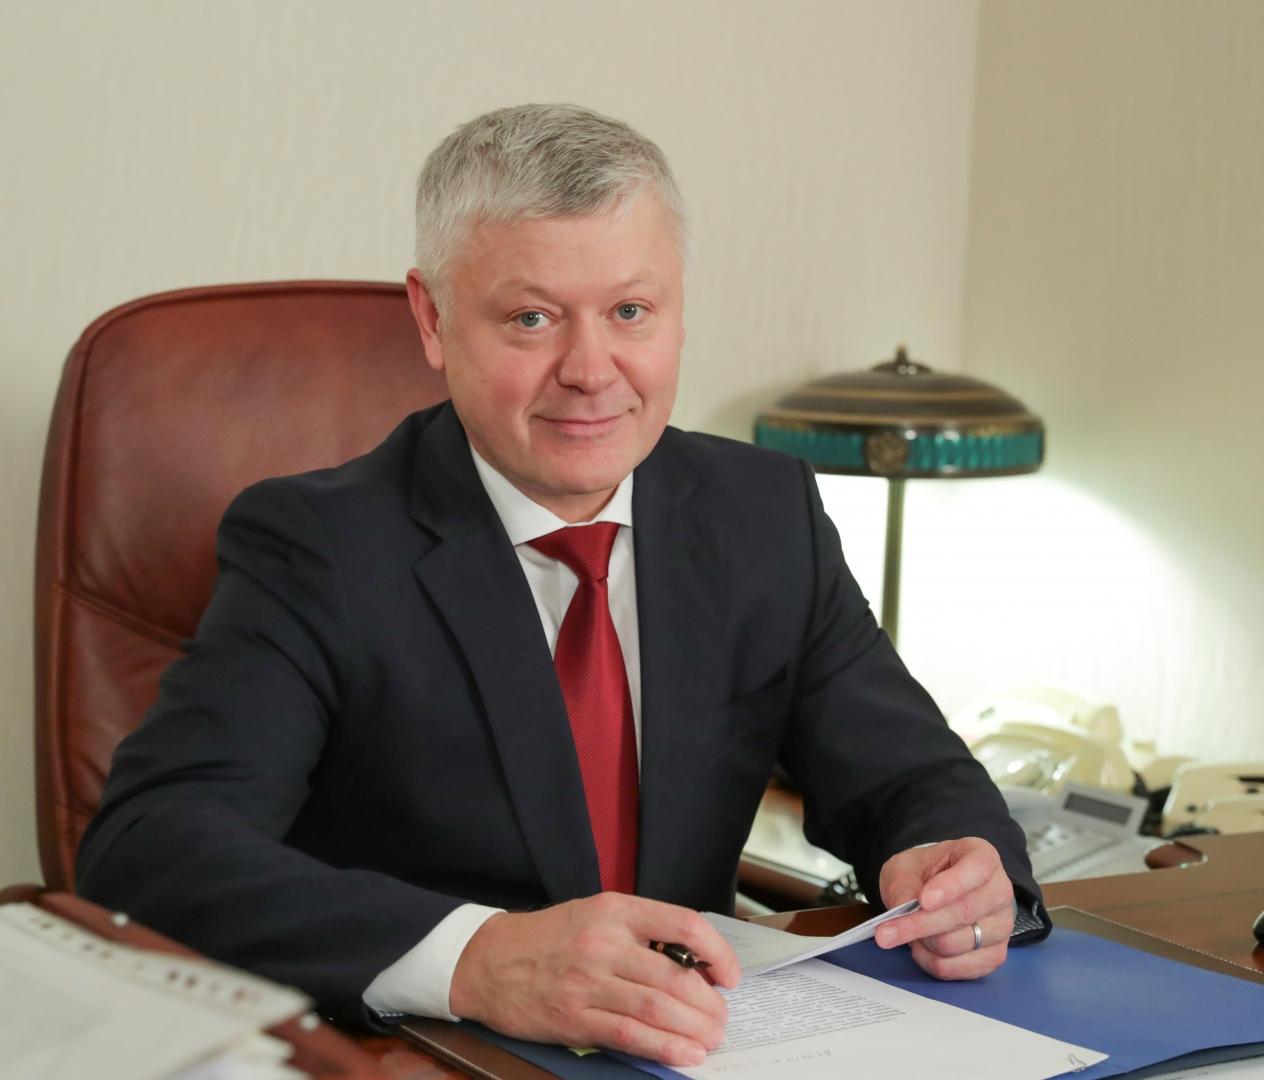 regnum_picture_15459956301004035_normalVassili Piskarev